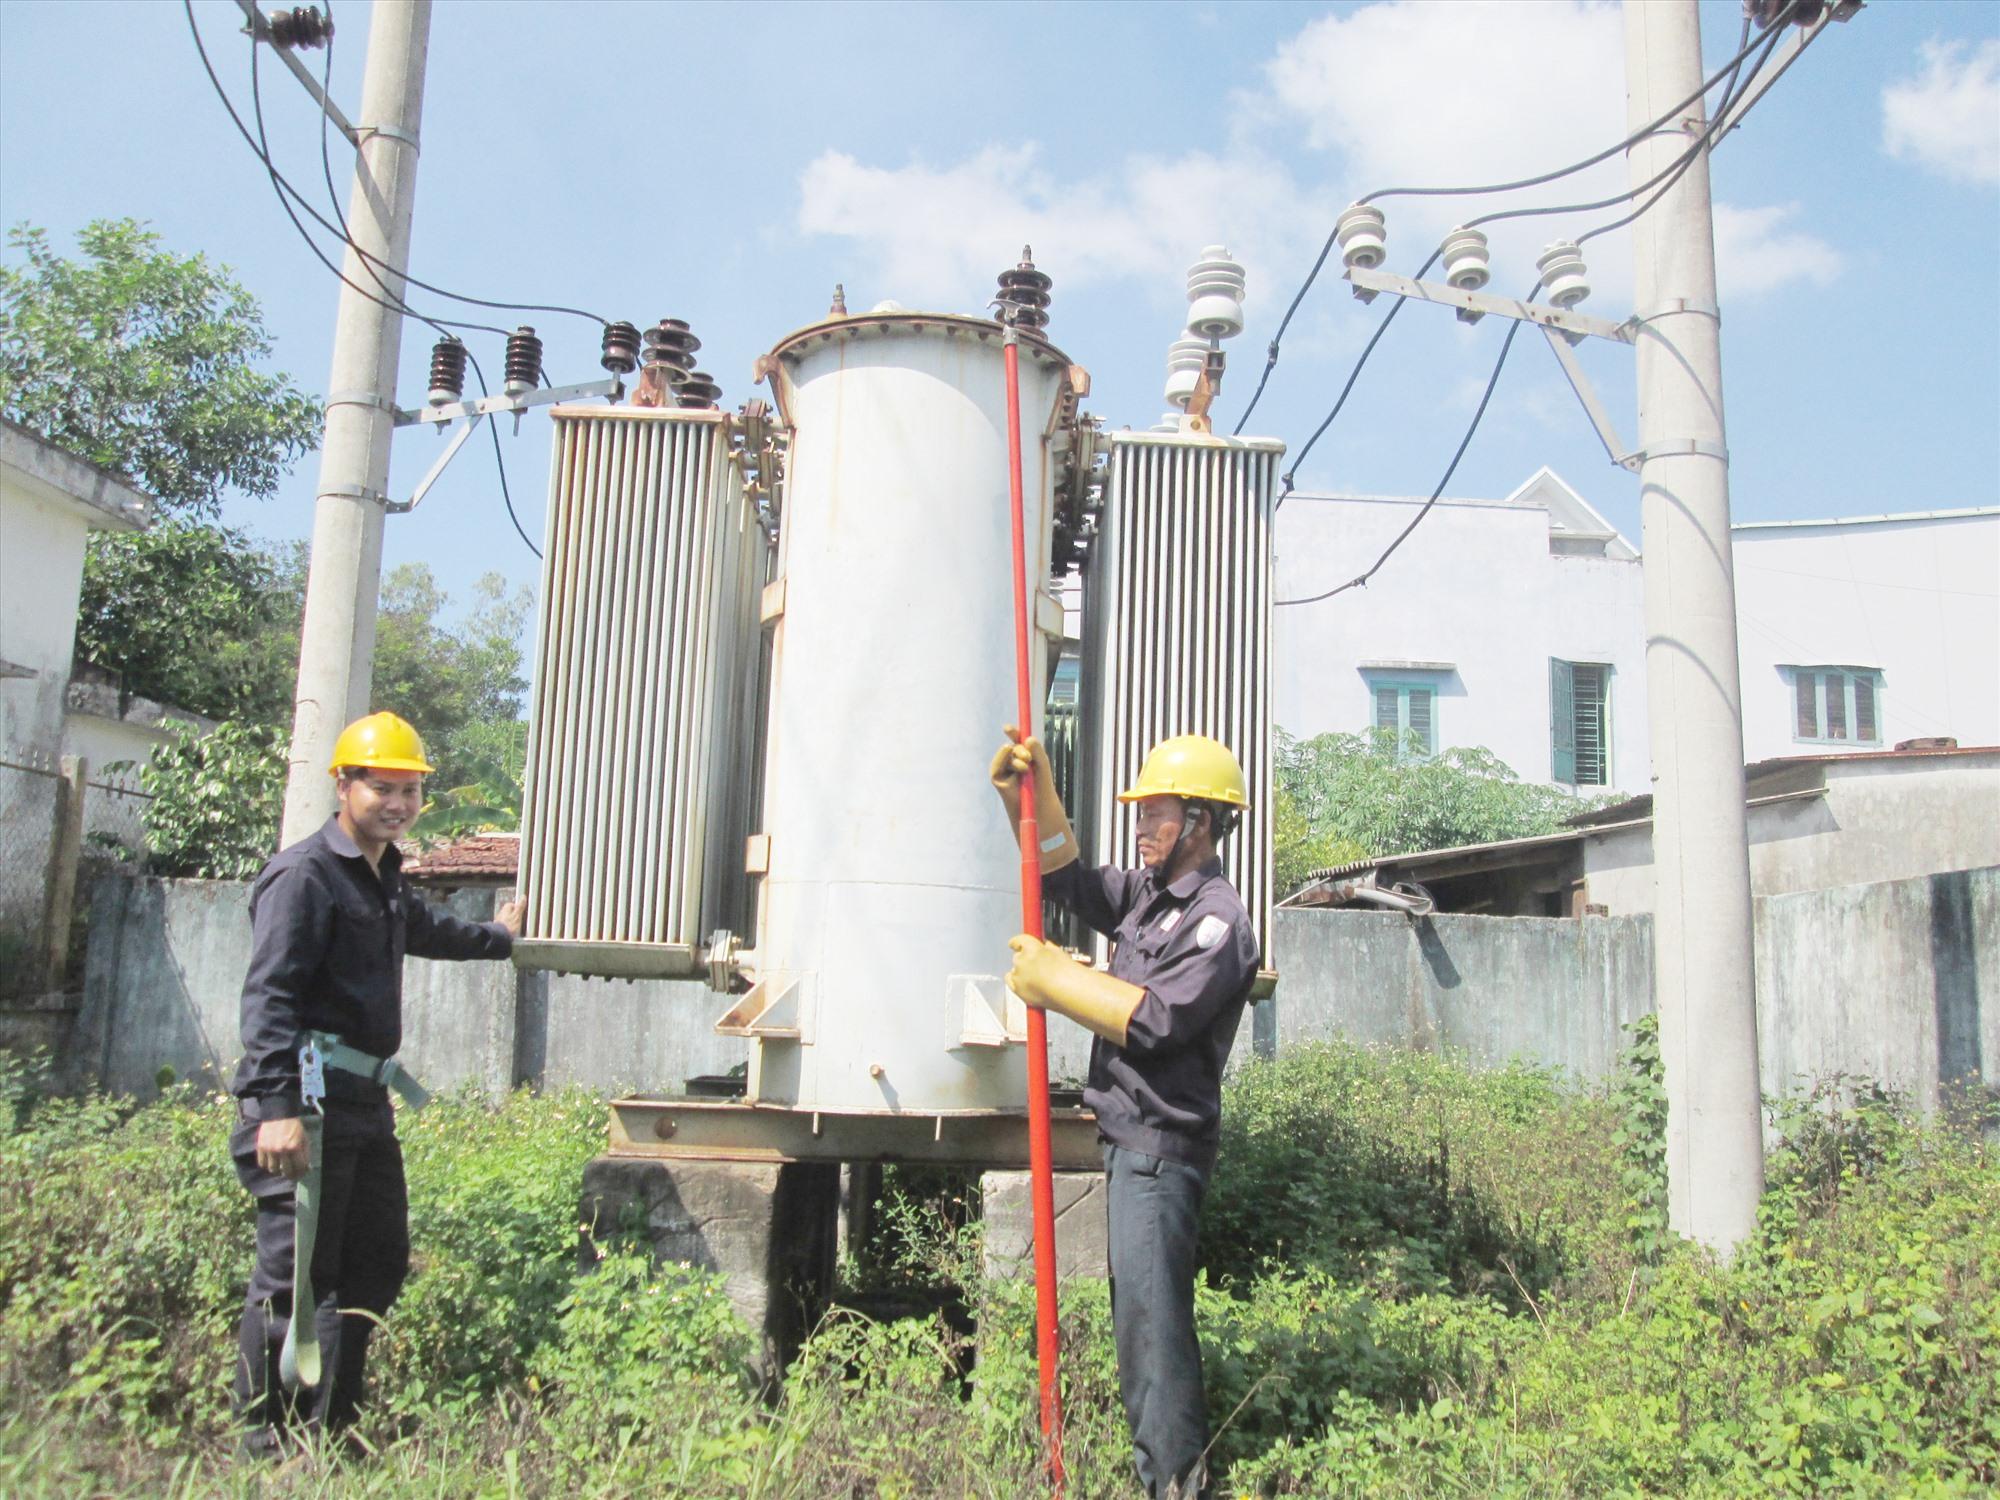 Những năm qua, xã Duy Sơn tập trung nâng cấp, cải tạo hệ thống điện nông thôn nhằm đáp ứng nhu cầu sử dụng của nhân dân. Ảnh: H.N